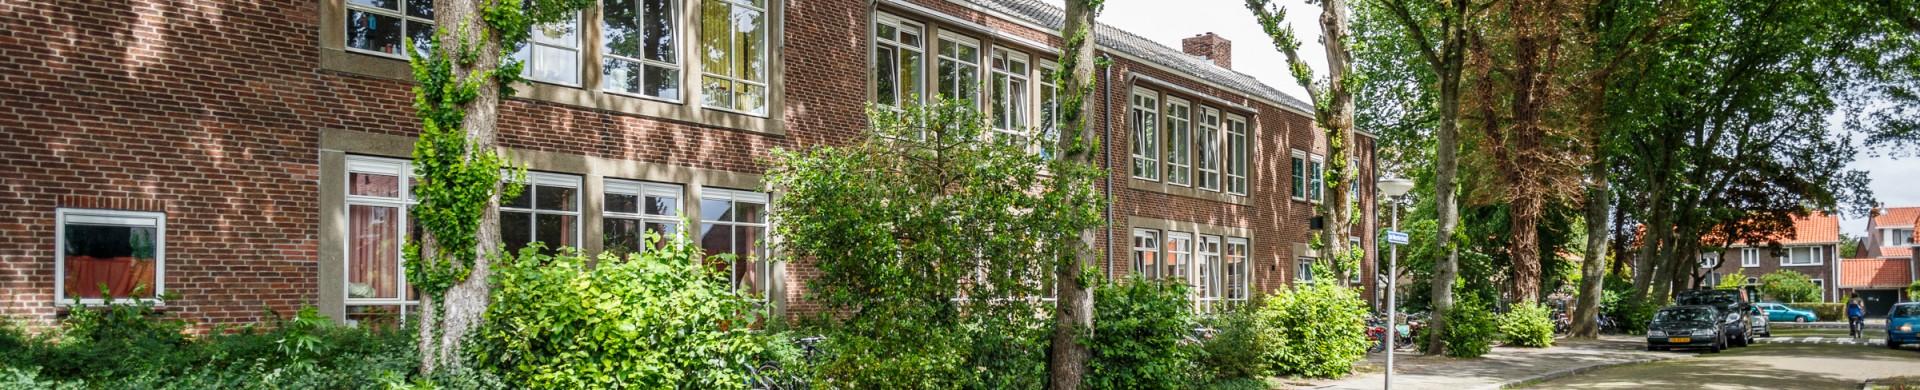 Vrijeschool Widar Delft